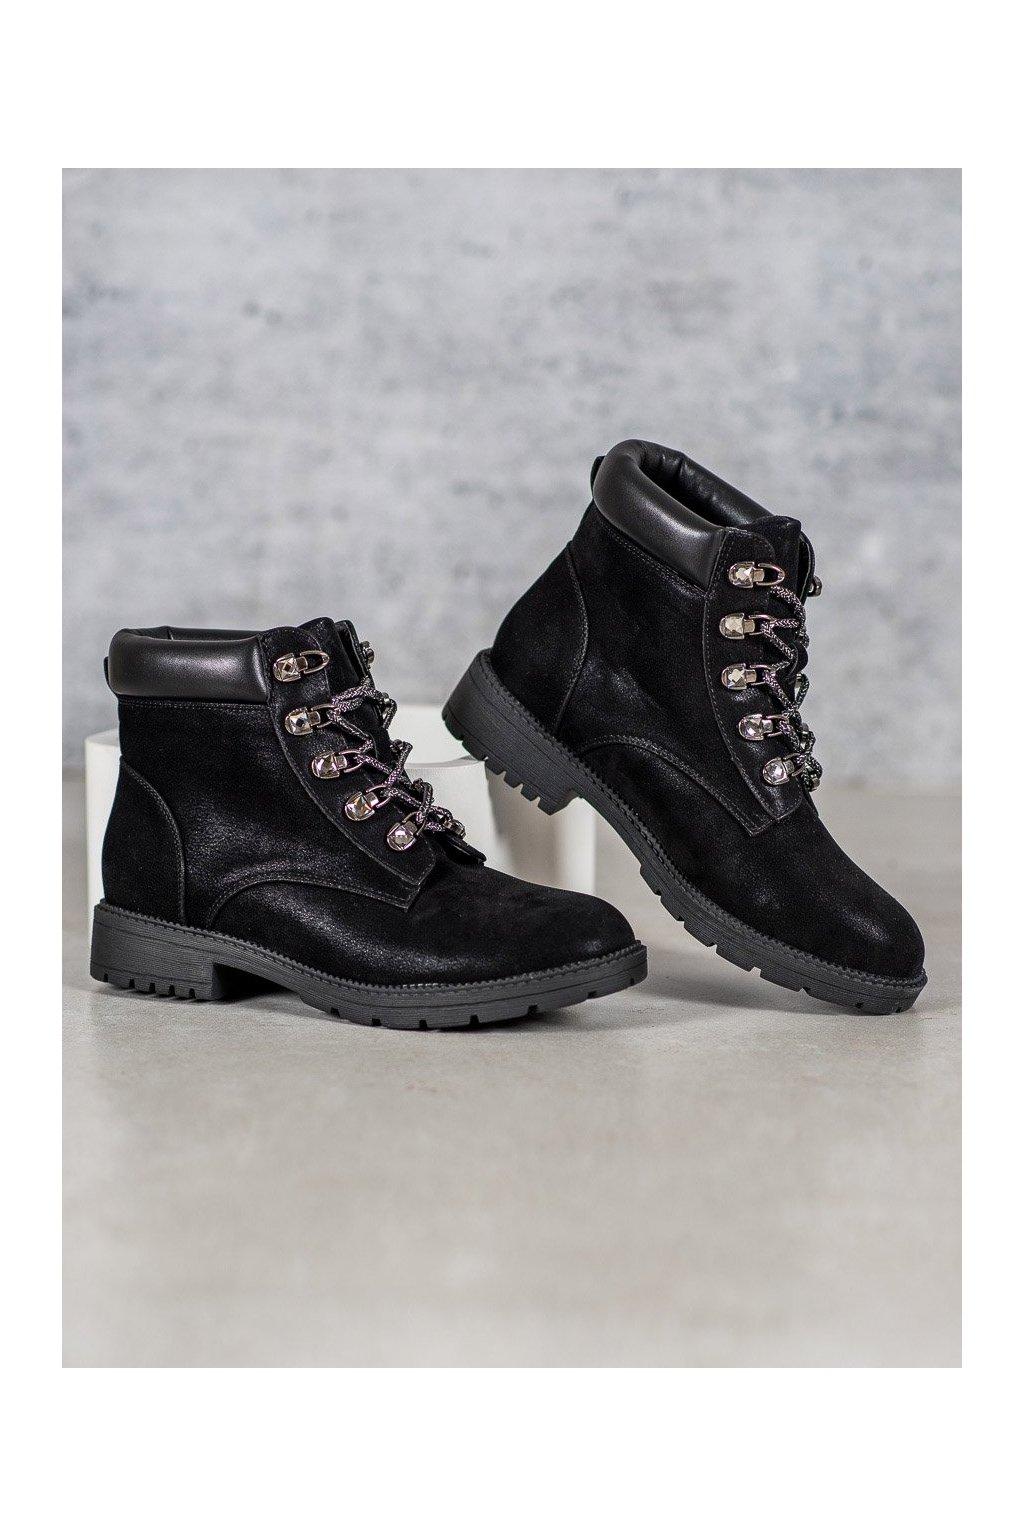 Čierne dámske topánky na plochom podpätku Vices kod 2223-1B